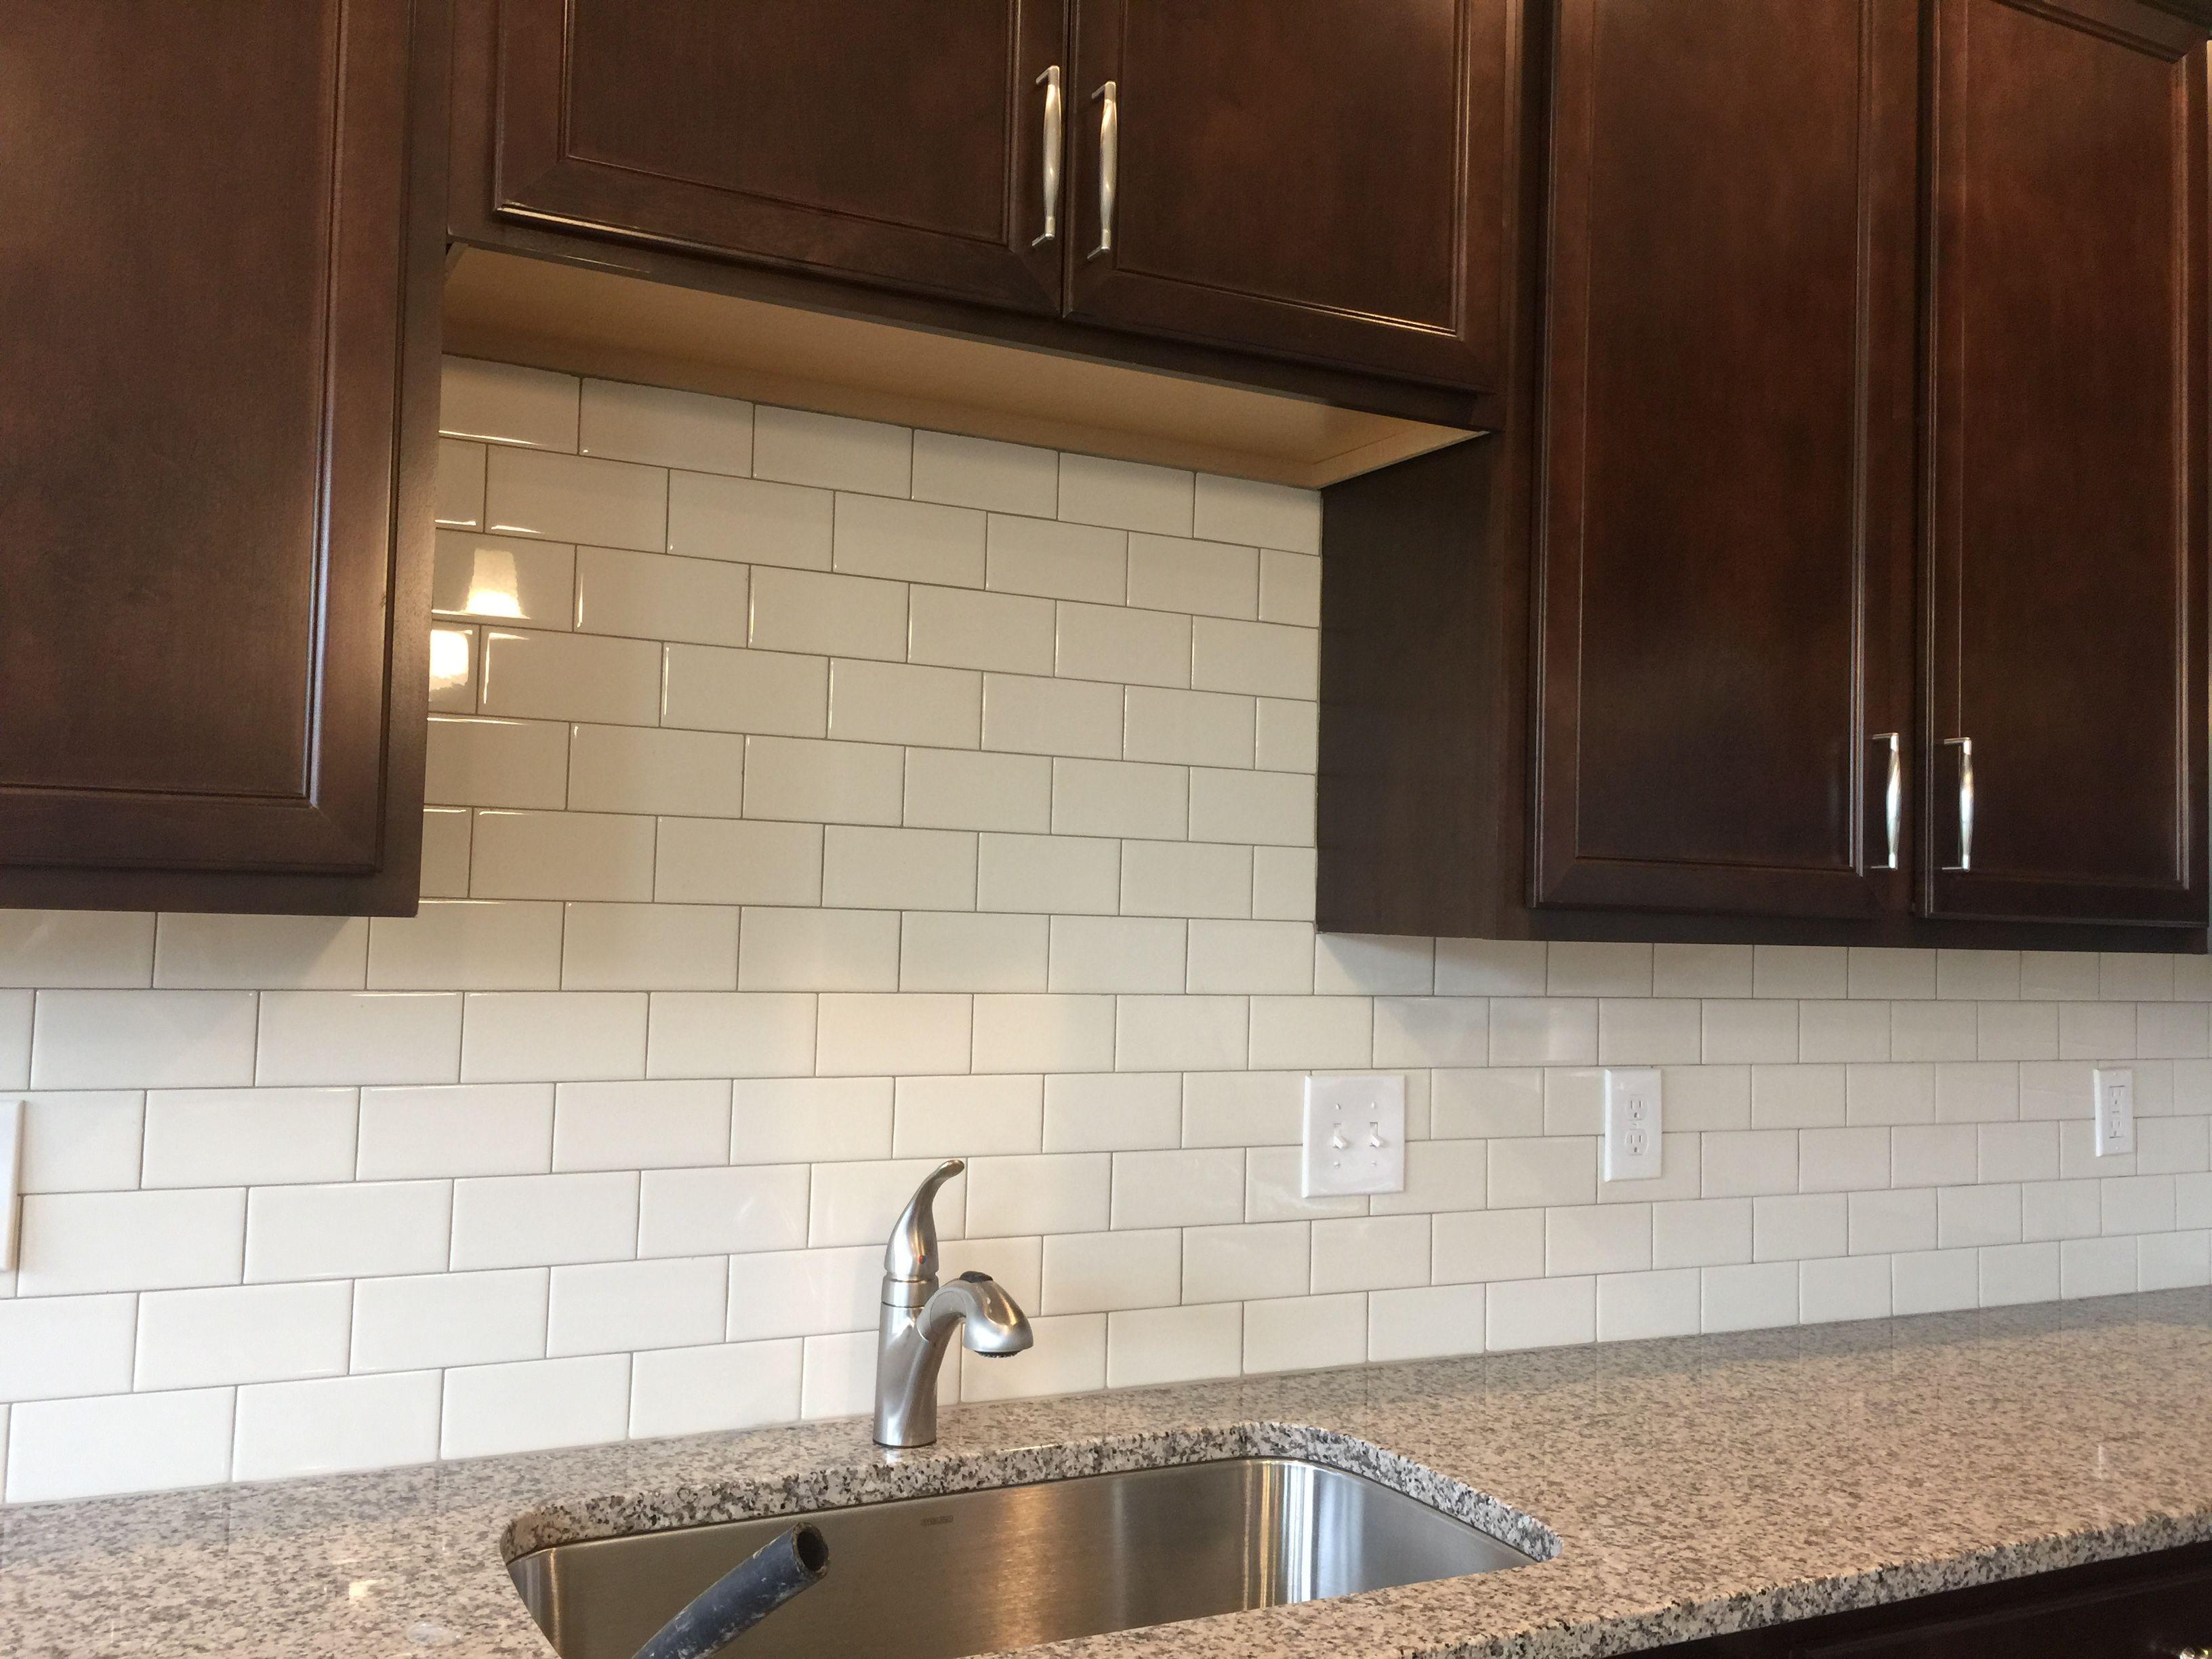 Rittenhouse Biscuit 3x6 Subway Tile Brick Joint Backspalsh